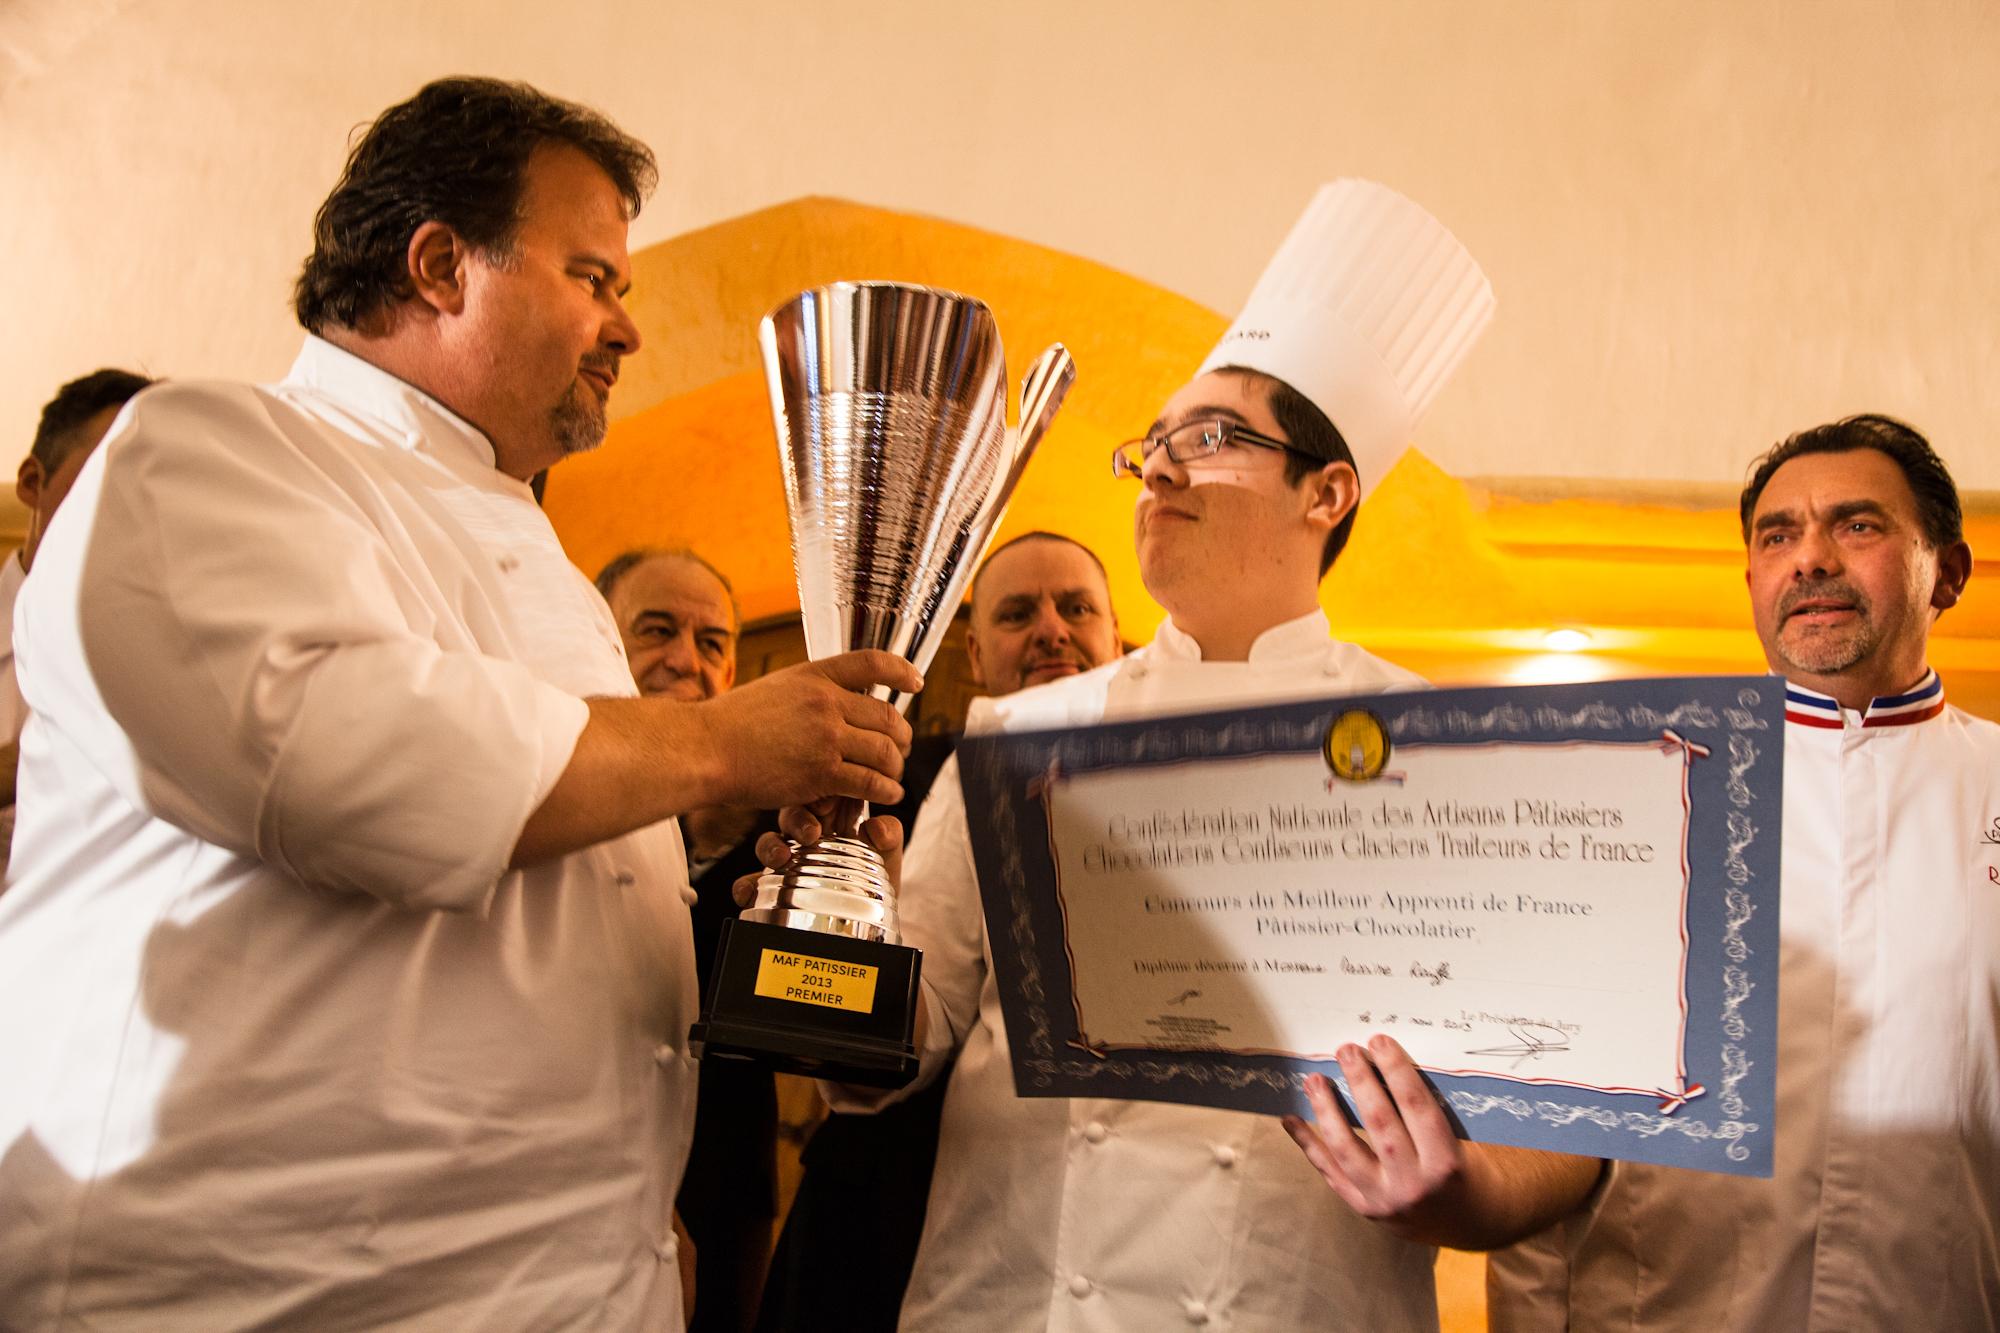 Pierre Hermé, parrain de cette promotion, remet son titre à Maxime Raiffe, Meilleur Apprenti Pâtissier de France 2013.